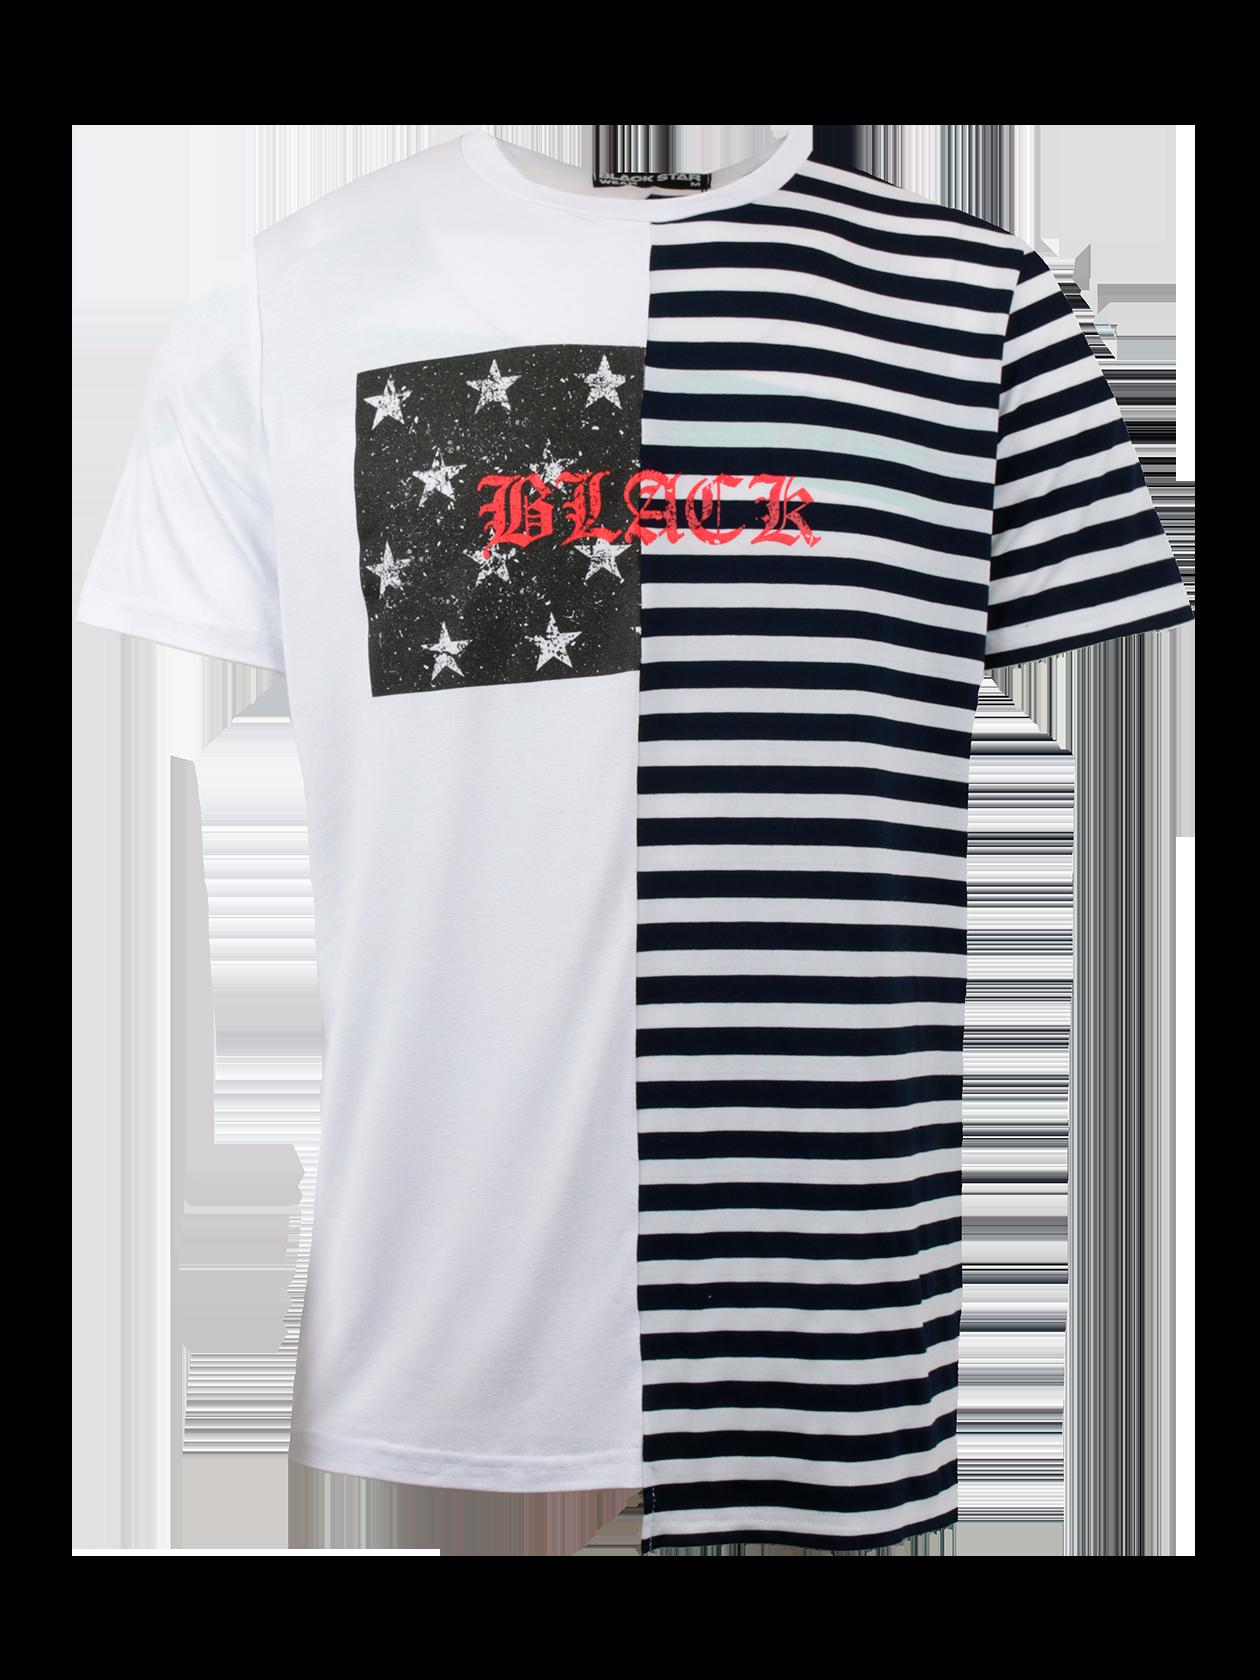 Футболка мужская HALF BLACK STARФутболка мужская Half Black Star – идеальное решение для создания образа спортивного и повседневного стиля. Удлиненная модель традиционного прямого кроя с коротким свободным рукавом. Узкая горловина с эластичной окантовкой содержит на внутренней стороне лейбл Black Star Wear. Изделие привлекает внимание оригинальной расцветкой – одна половина белого цвета, другая оформлена полосками. На груди крупный принт со звездами и надпись красными буквами Black. Созданная из натурального хлопка, футболка мужская отличается высокой практичностью и износоустойчивостью.<br><br>Размер: XL<br>Цвет: Белый<br>Пол: Мужской